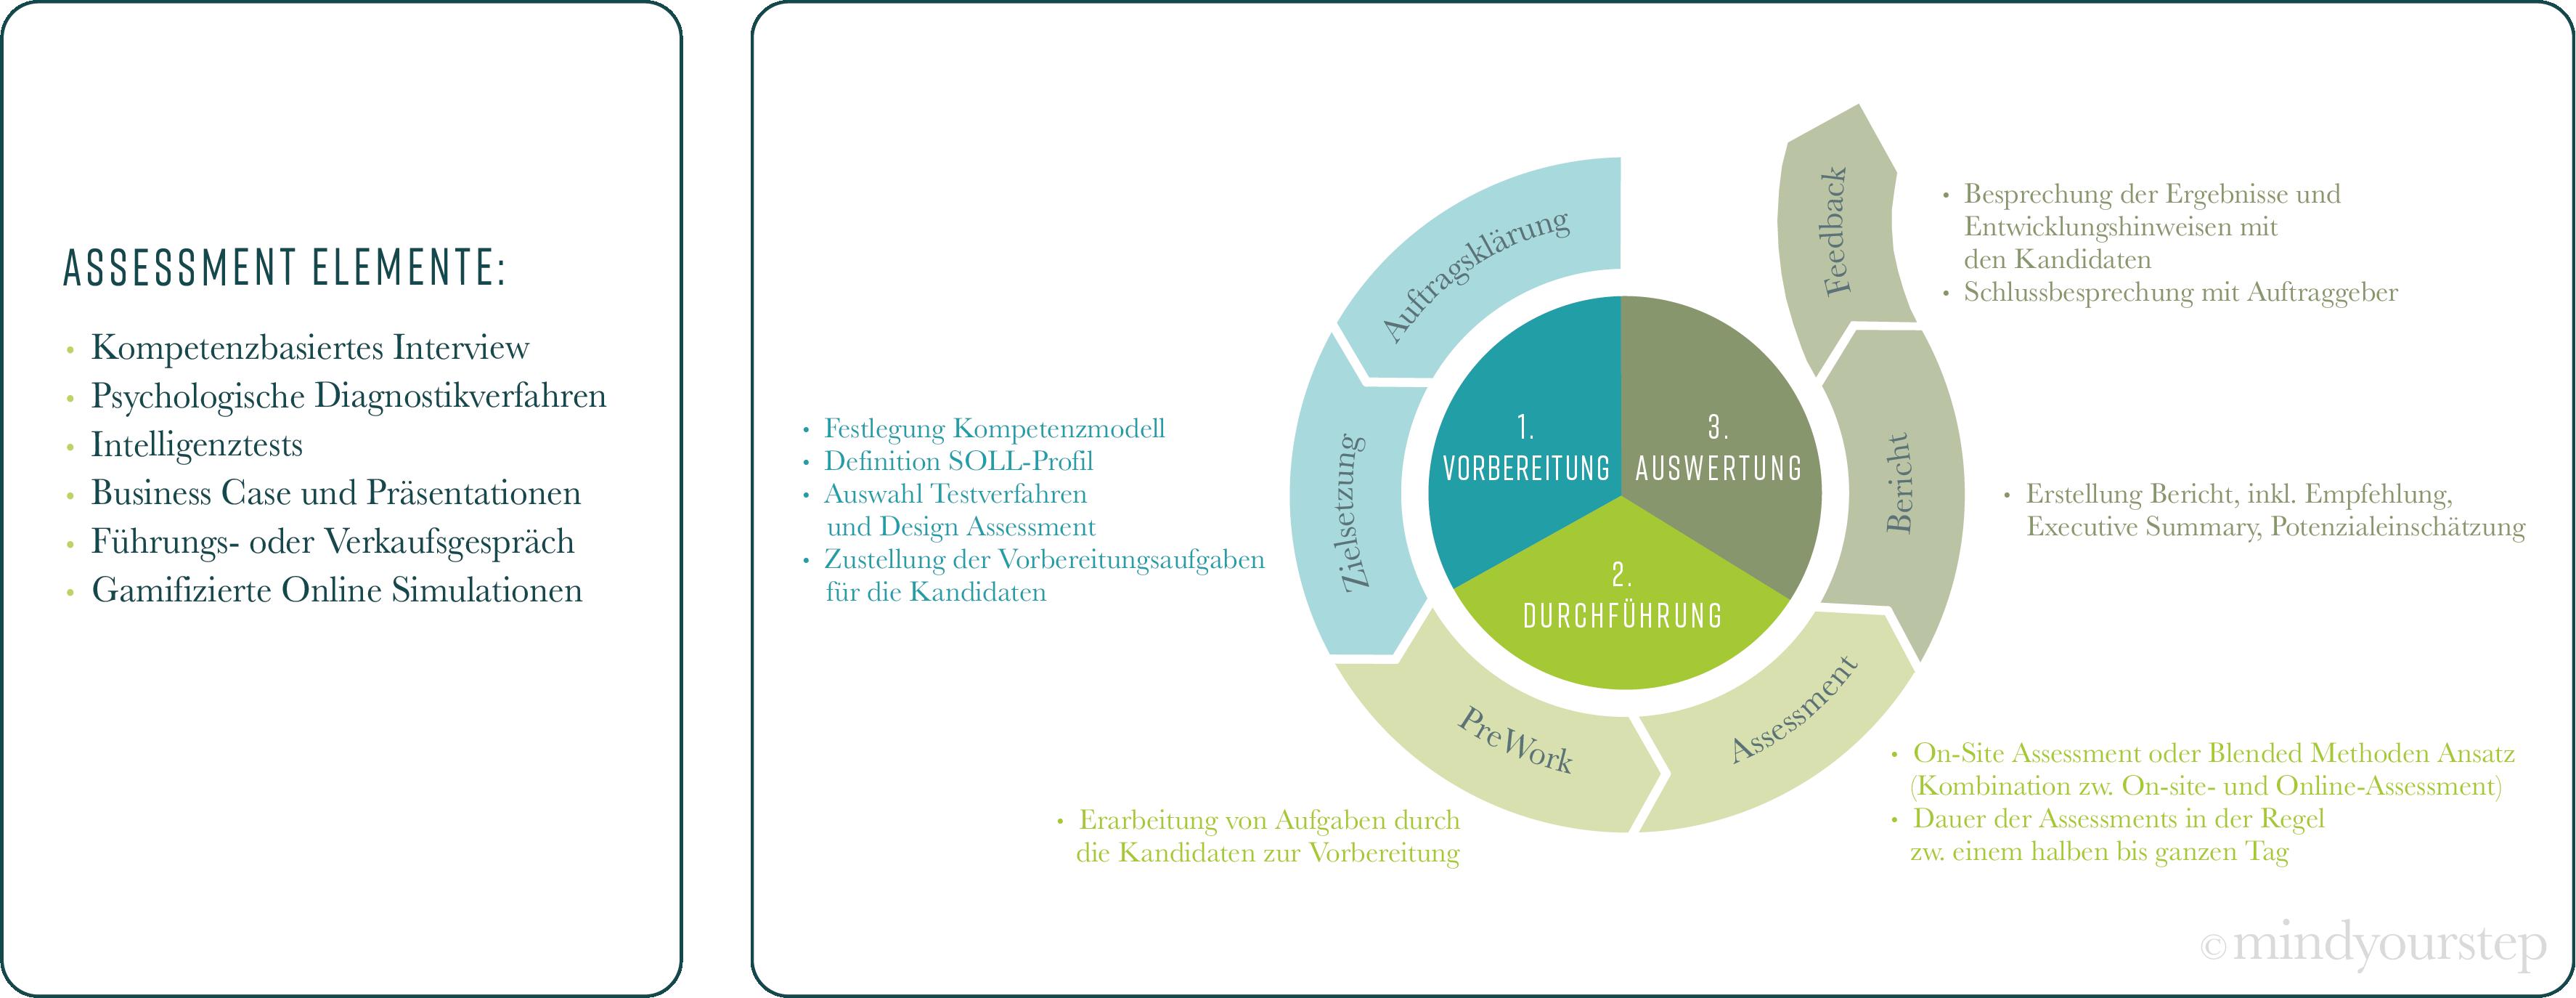 Graf.assessment (2) mindyourstep